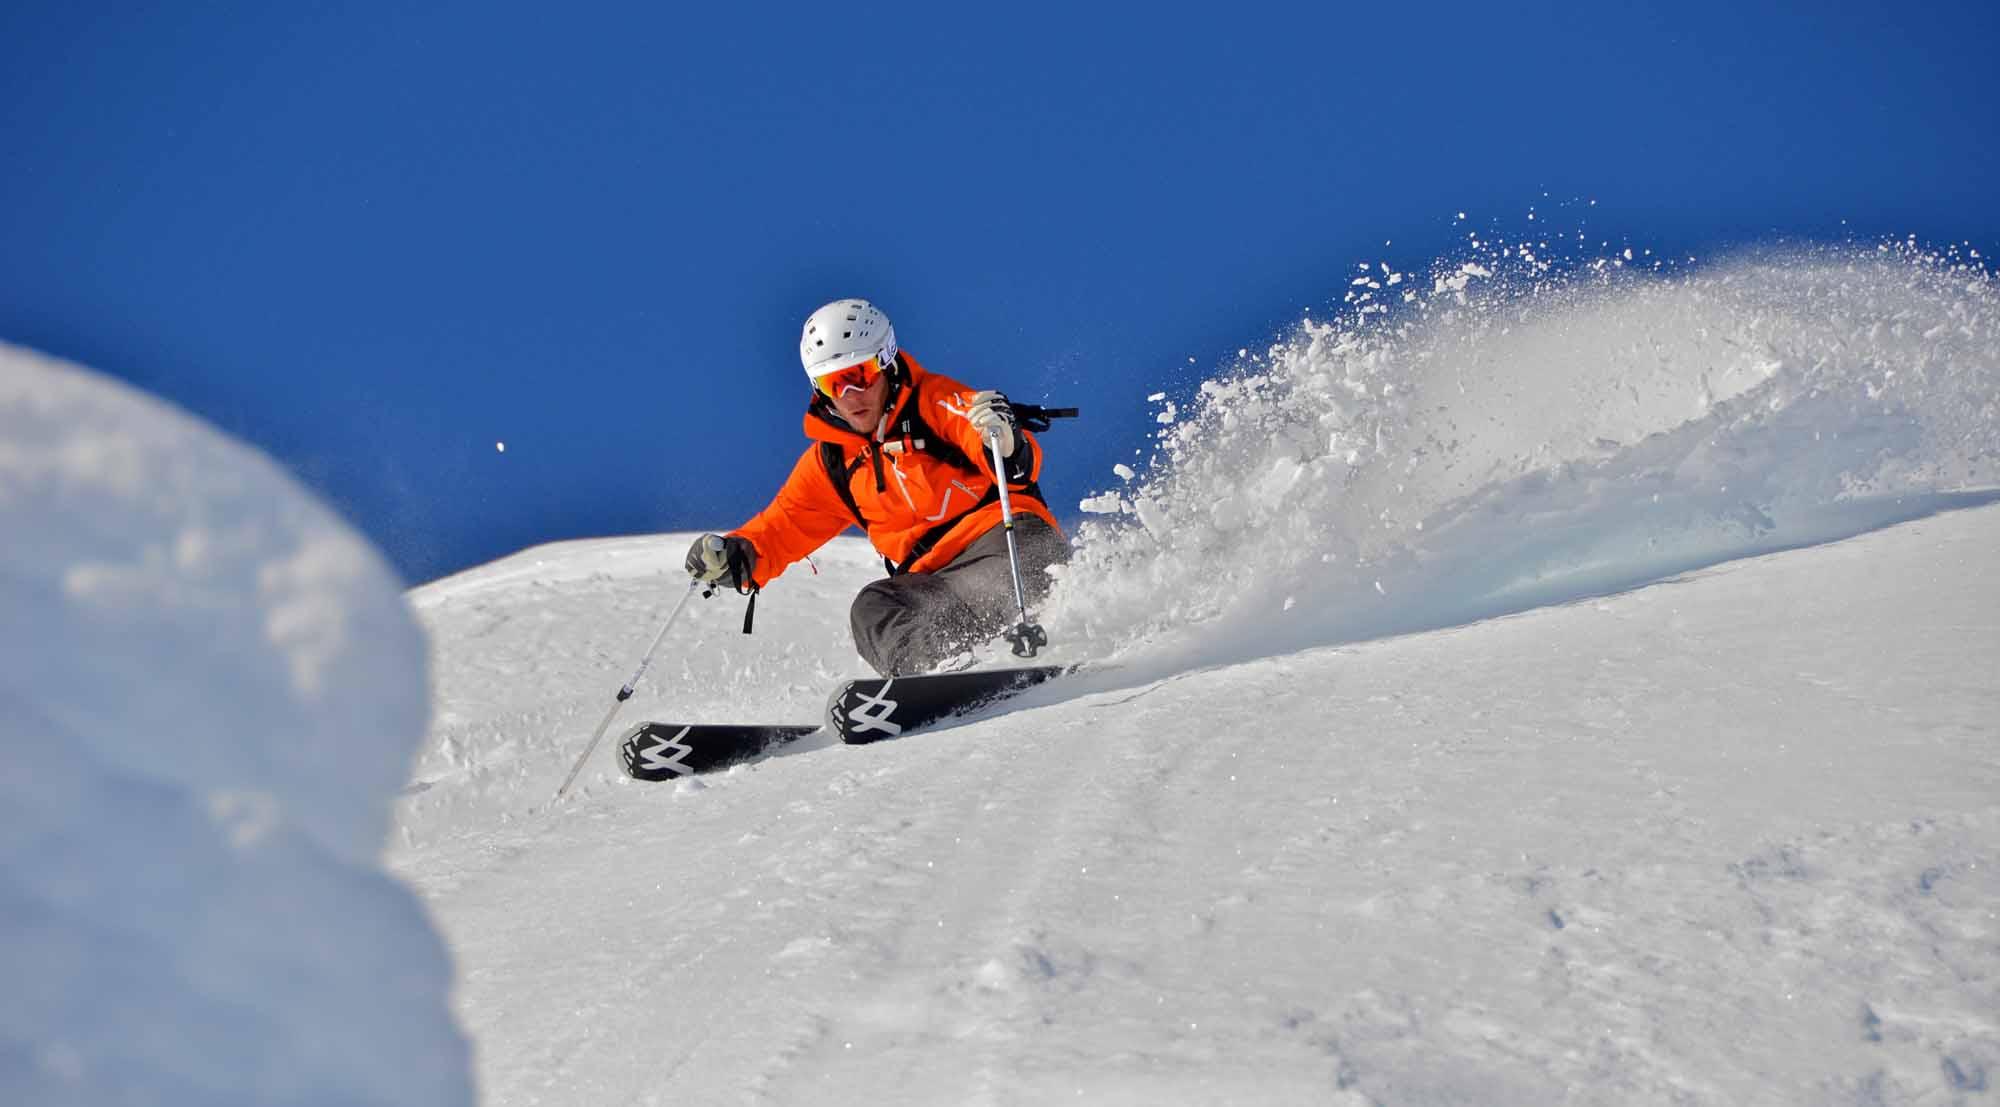 Ski-Alaska-Ski-Trip-22.jpg